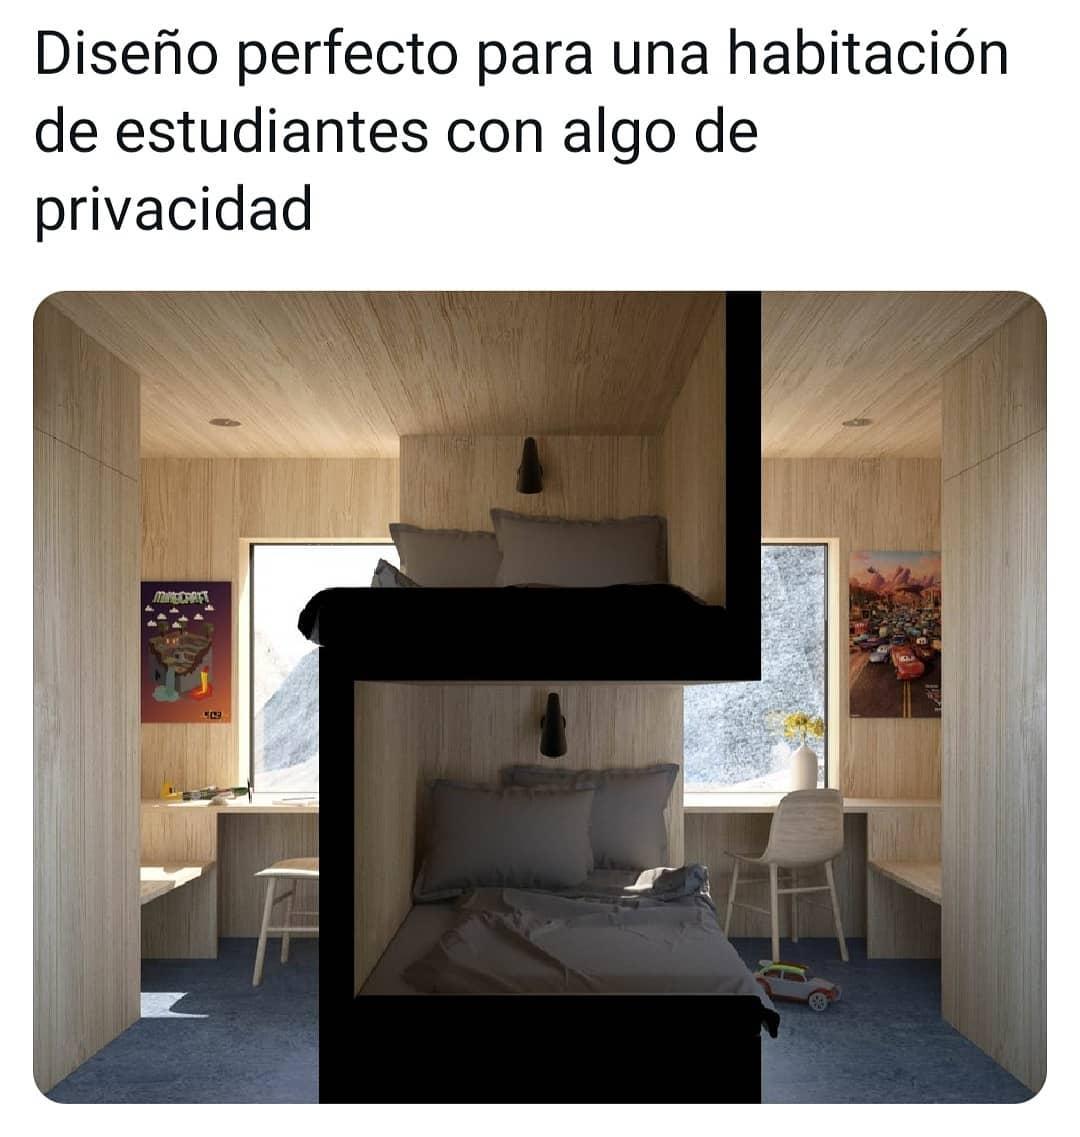 Diseño perfecto para una habitación de estudiantes con algo de privacidad.